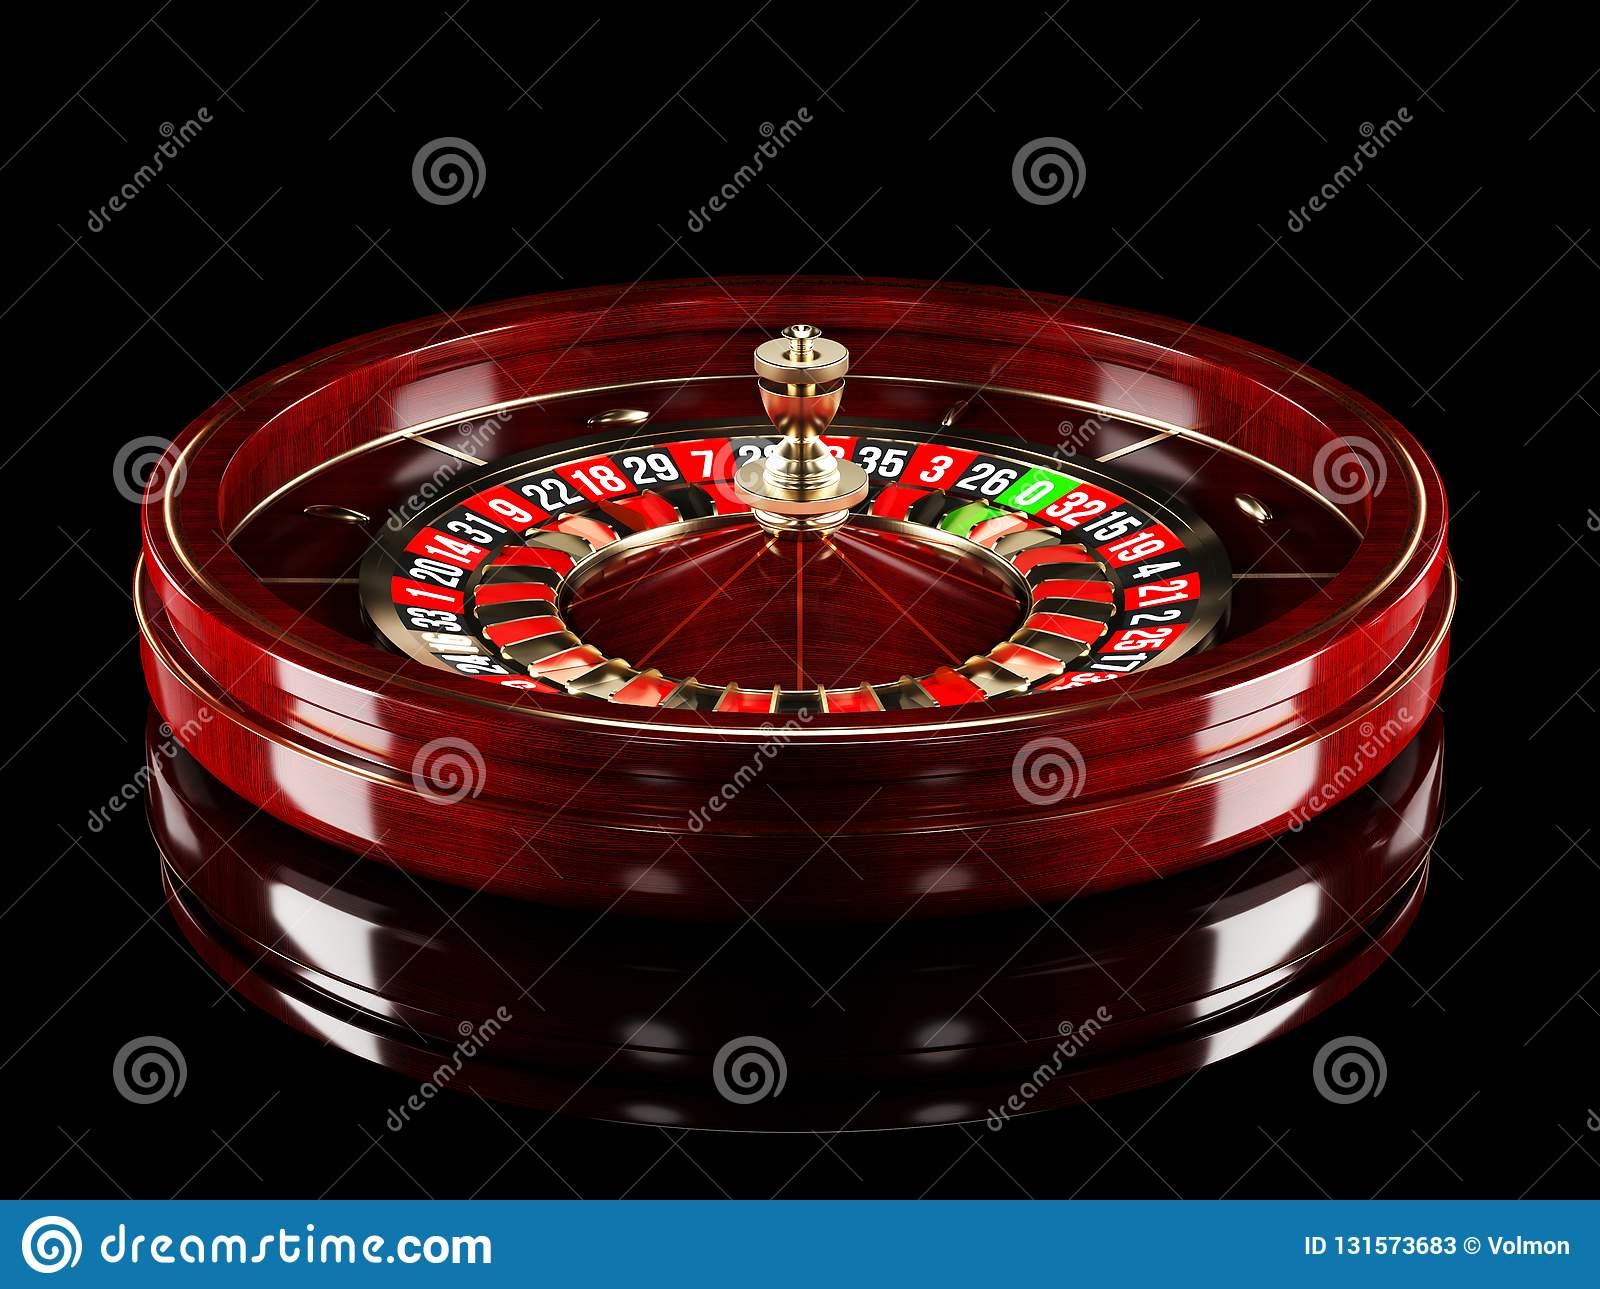 Вулкан казино заставка как играть в 300 карты